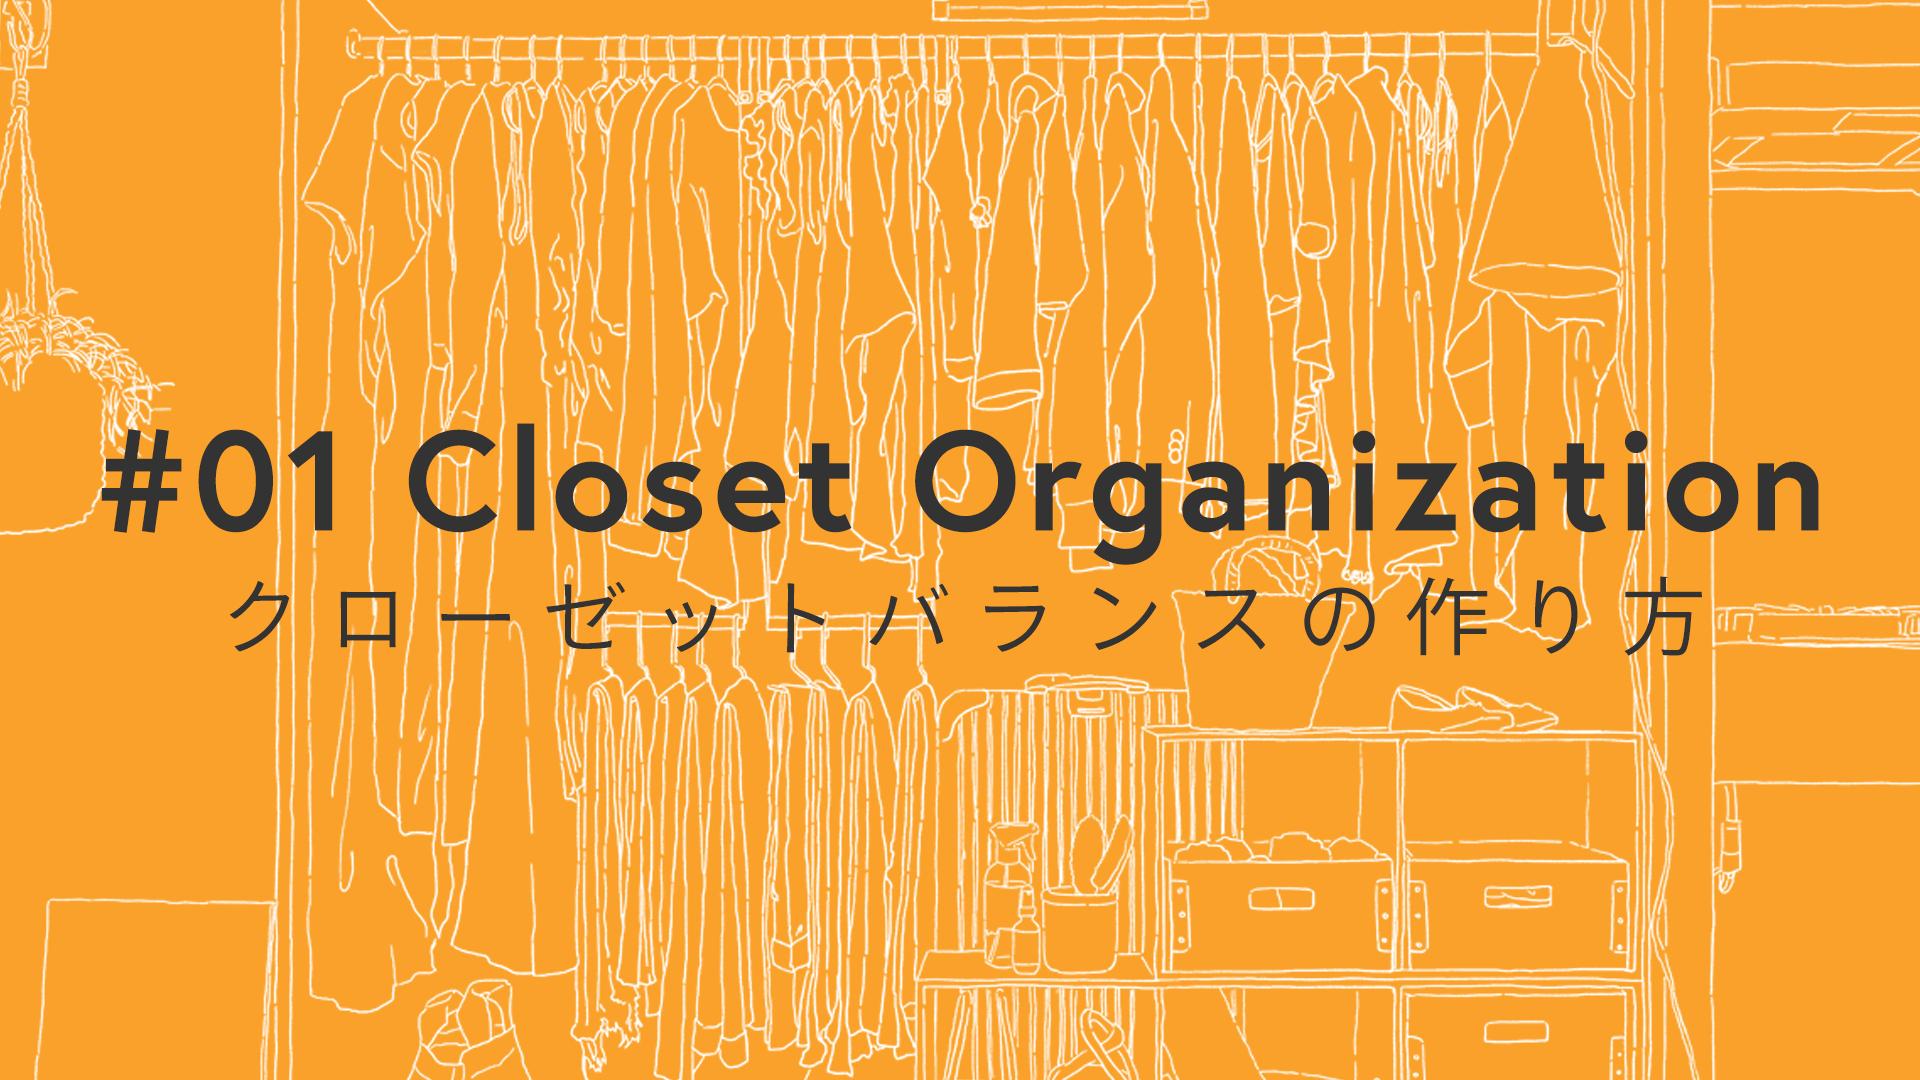 遠藤慎也さんが教えてくれた、理想のクローゼットを手に入れる4つのルール